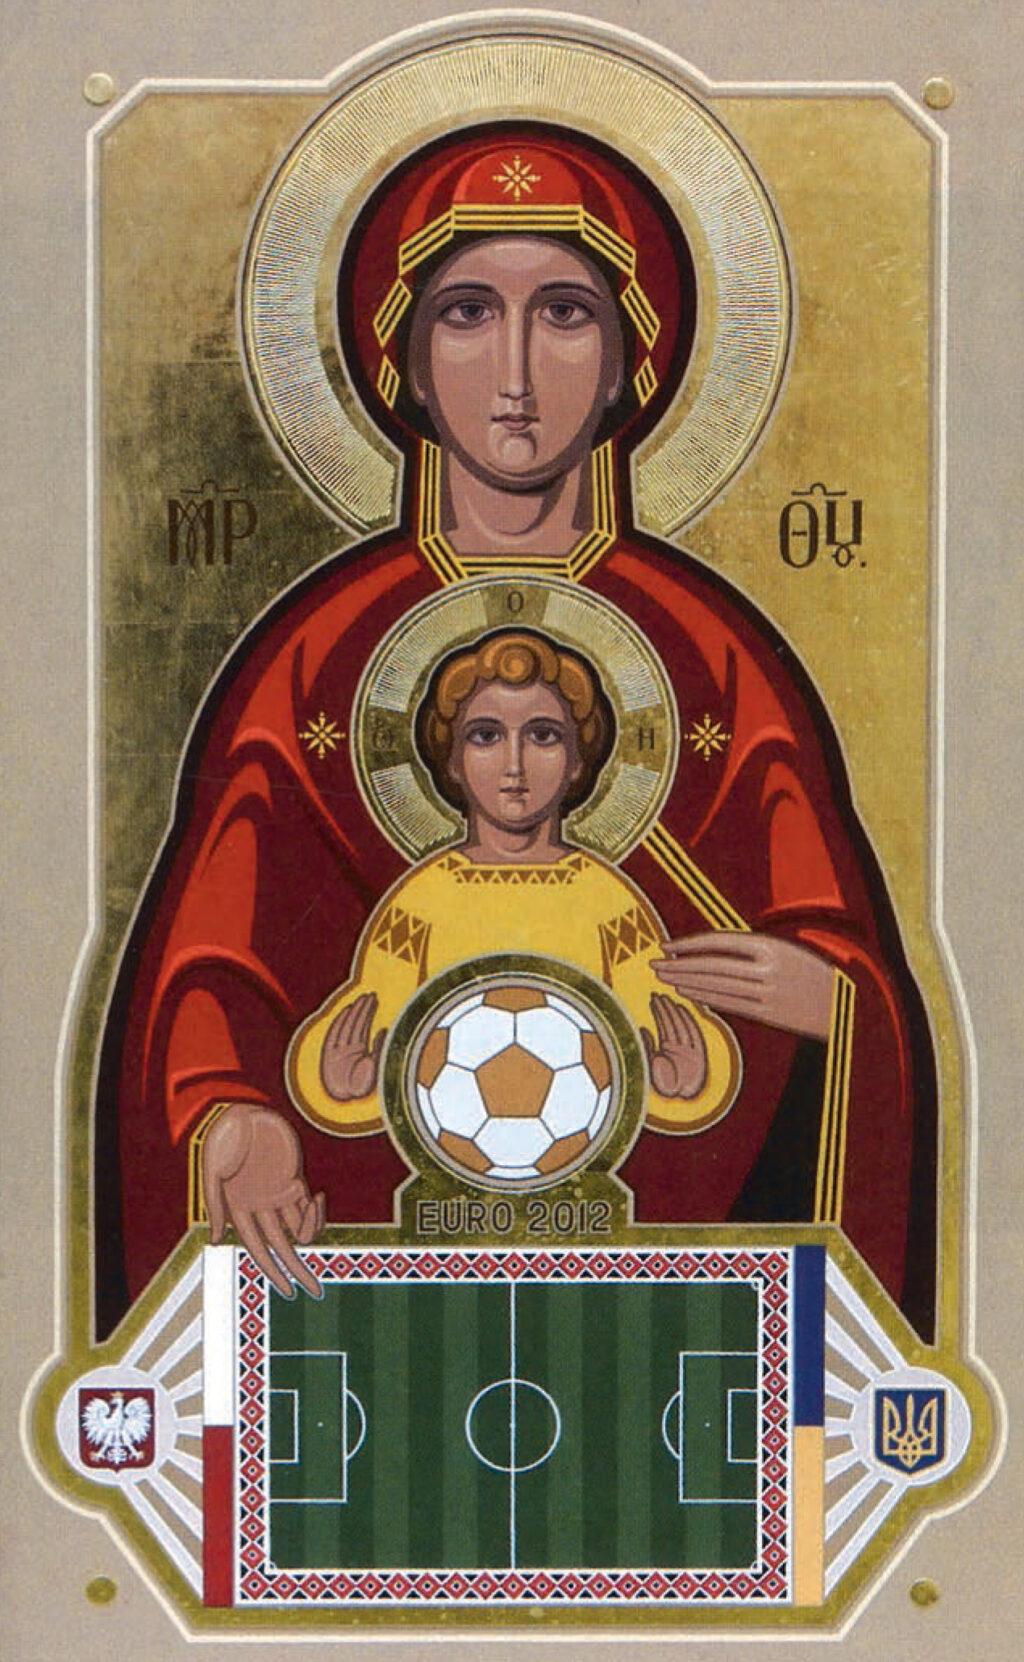 Церковь имени Марадоны исвятой Никола Тесла: знаменитости, которые стали народными святыми